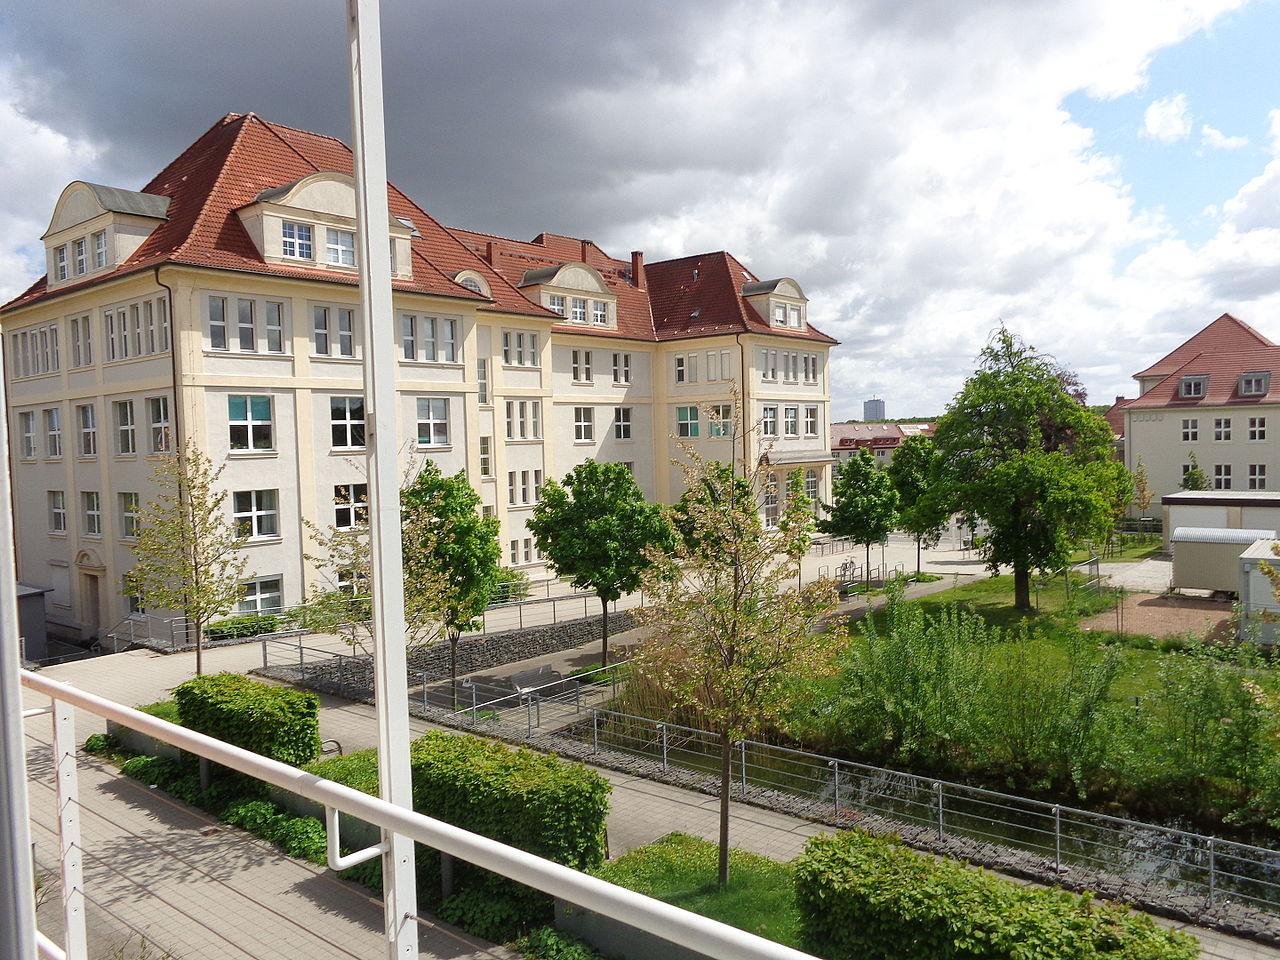 Bild Anatomische Lehrsammlung Rostock